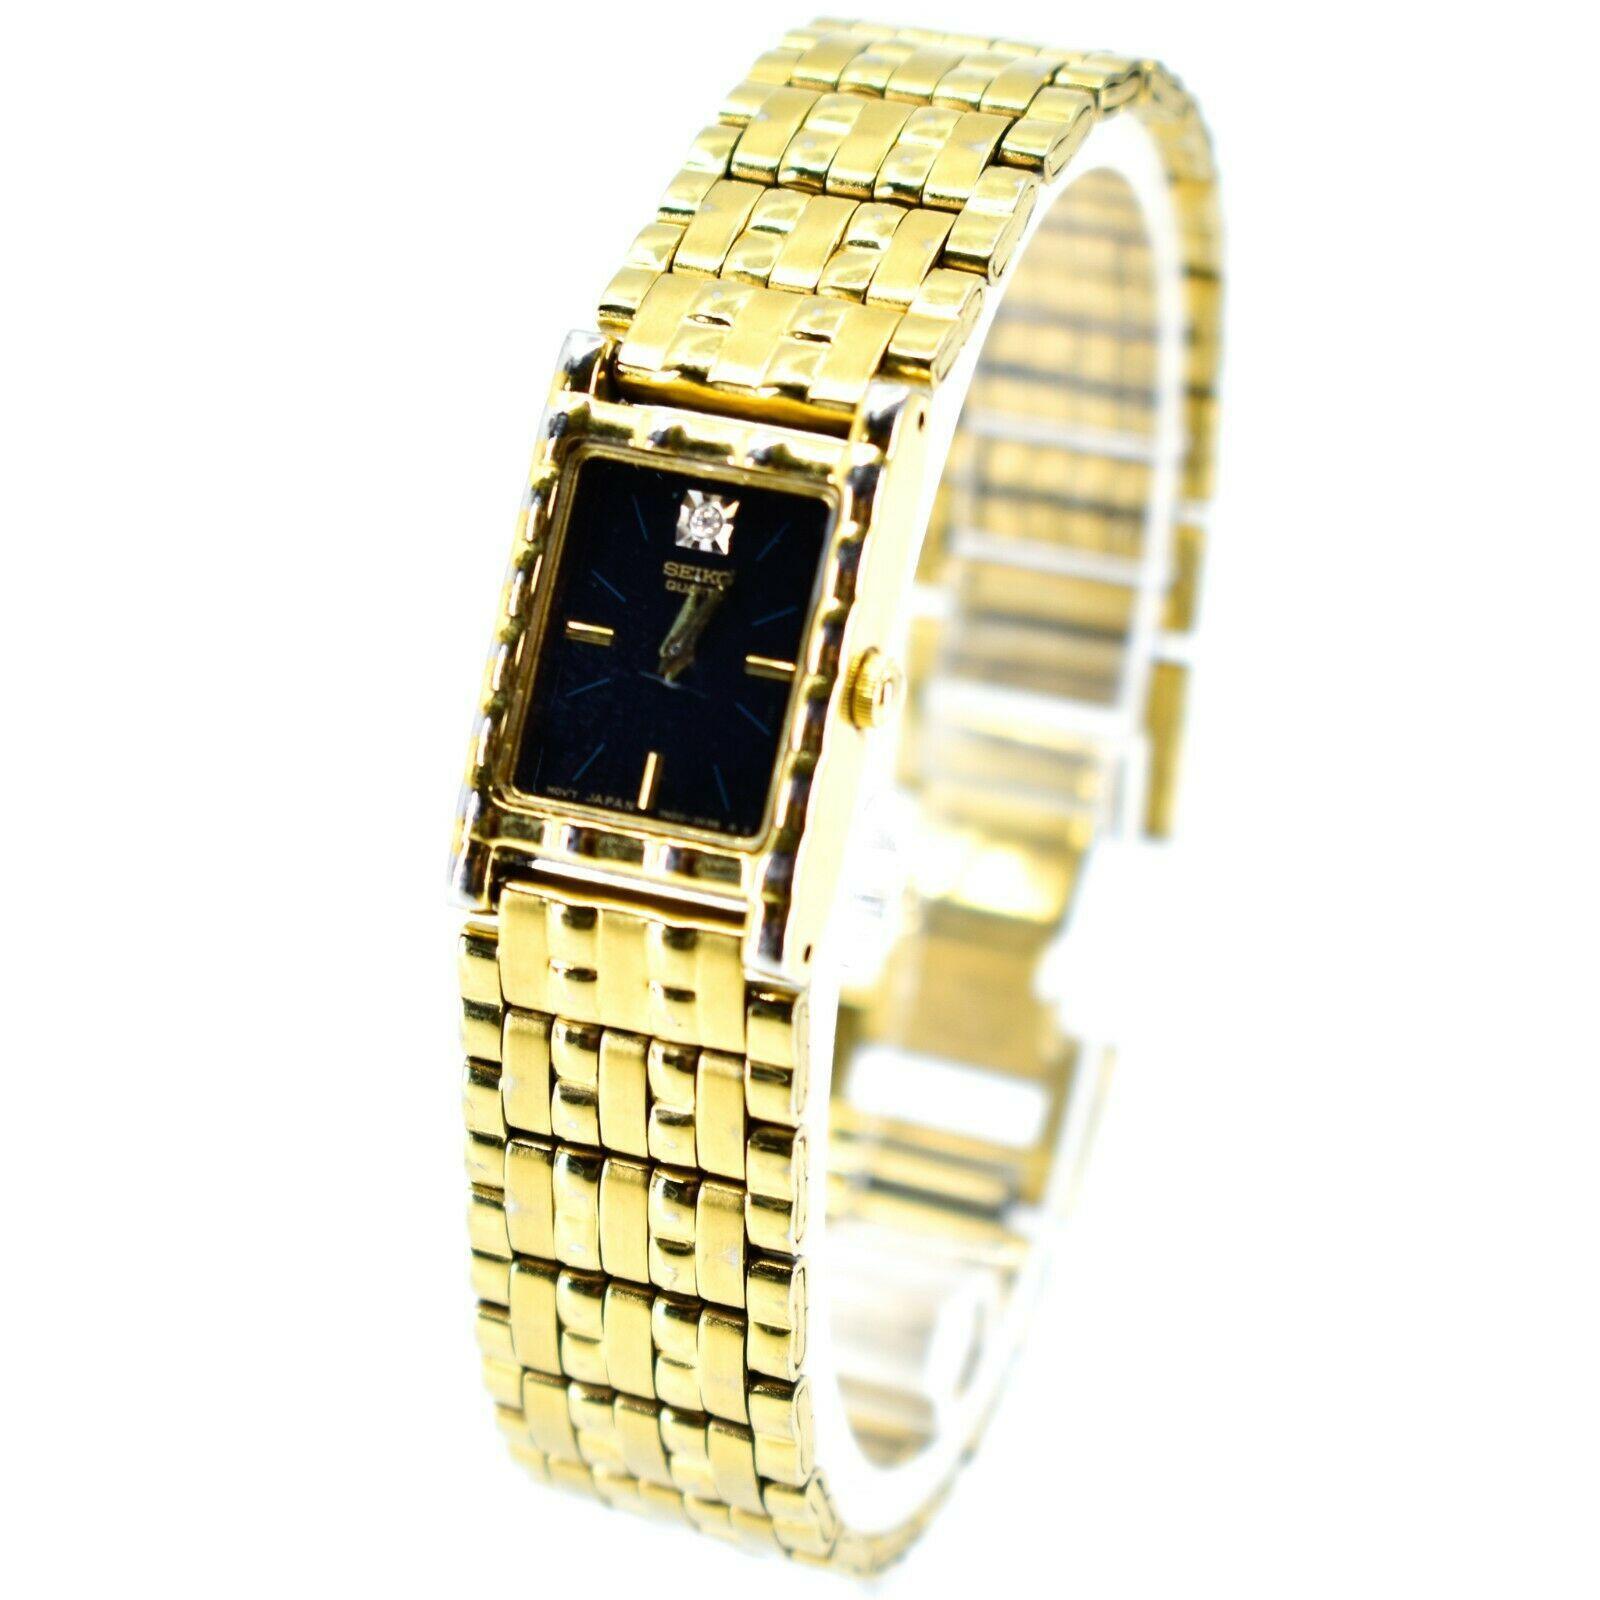 Seiko 1N00-6C09 Gold Tone Stainless Rectangle Diamond Accent Quartz Wristwatch